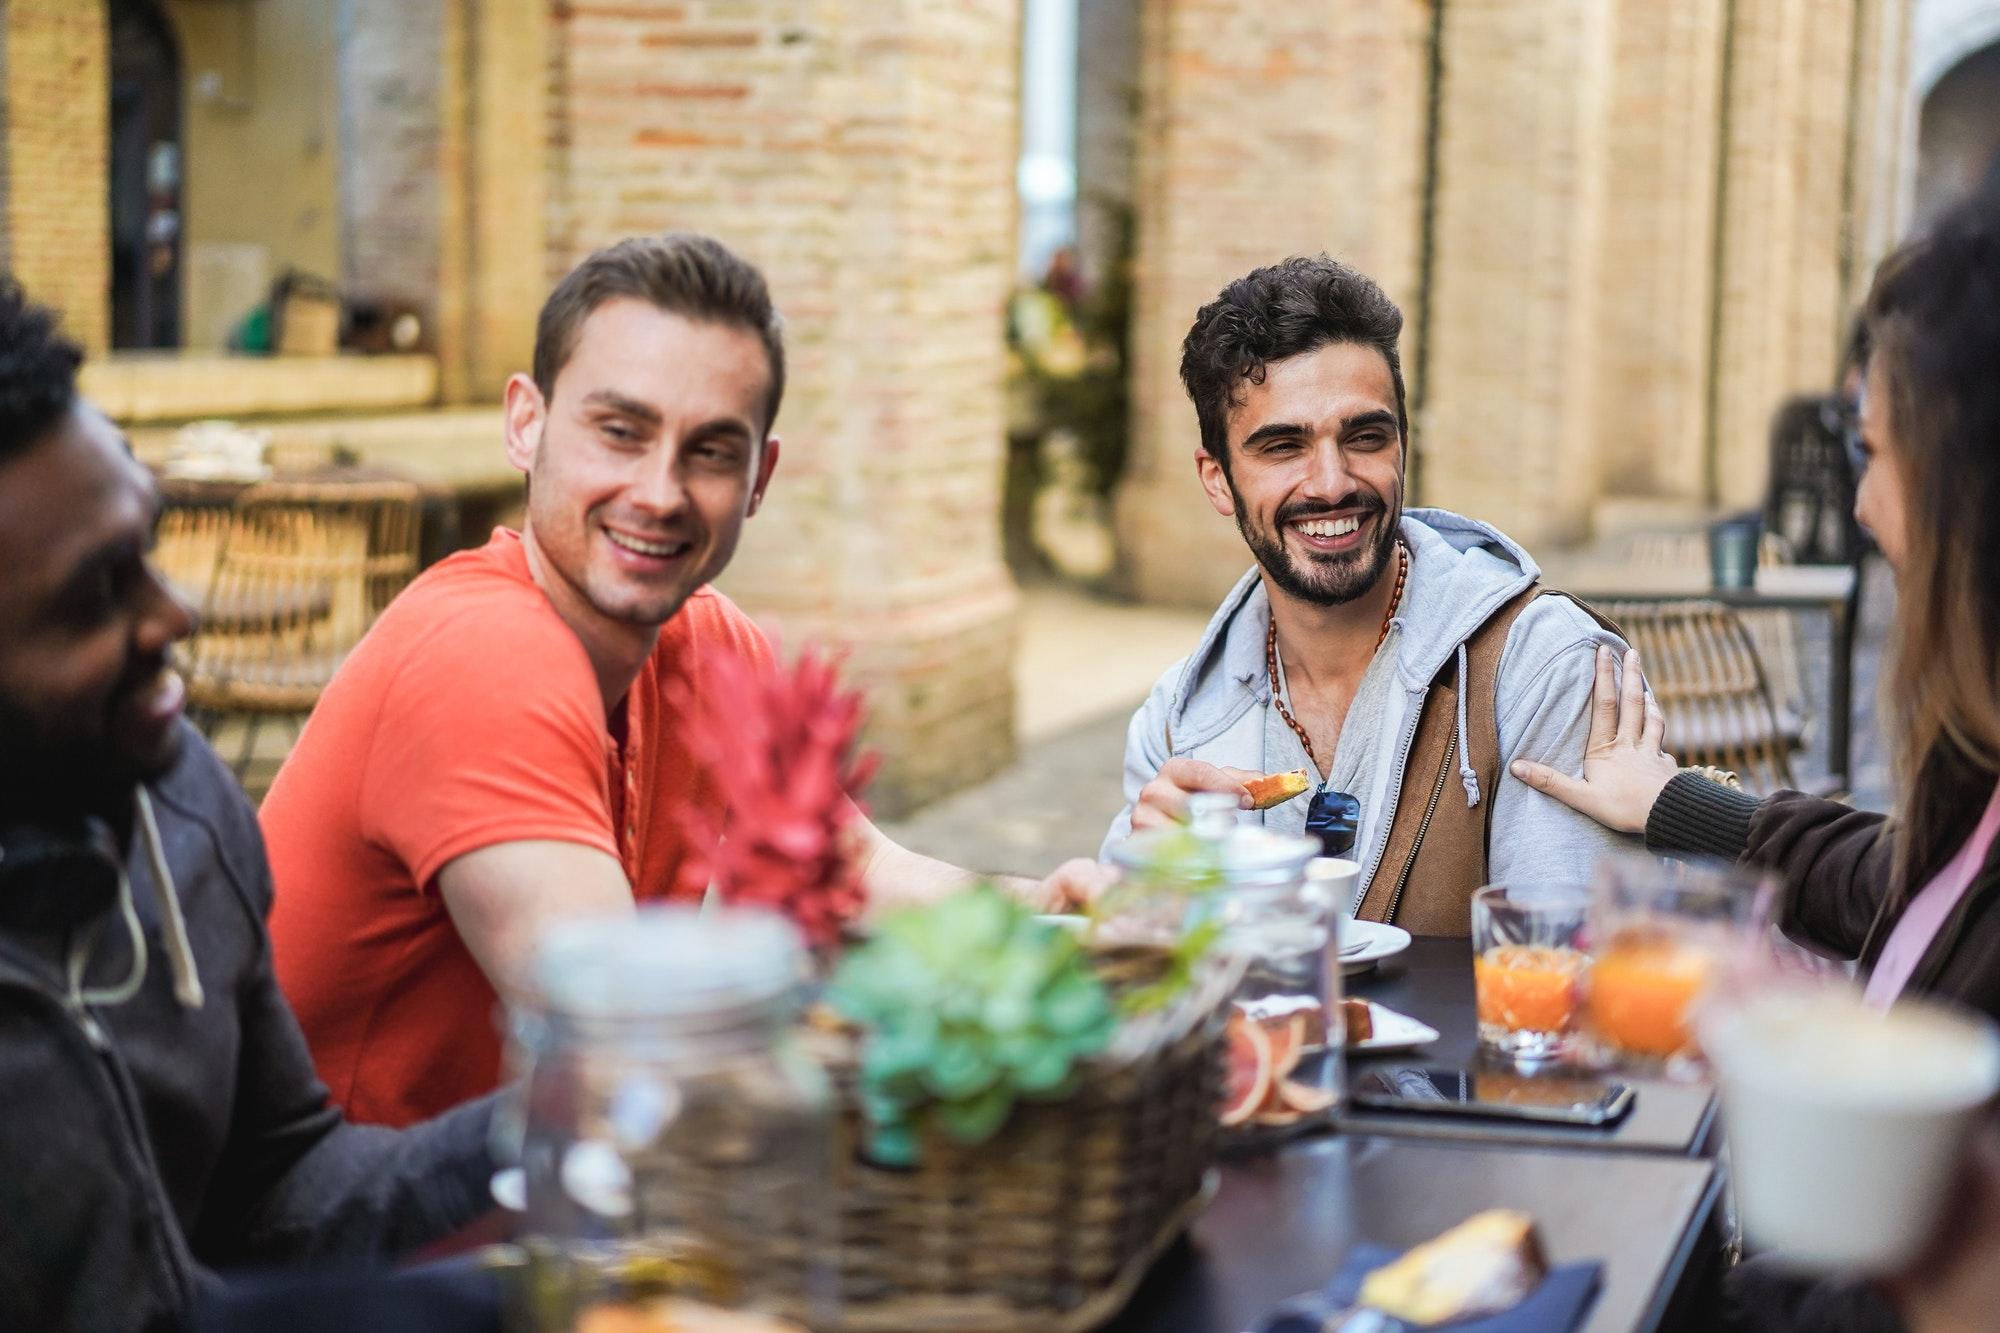 groupe de jeunes adultes rient autour d'une table